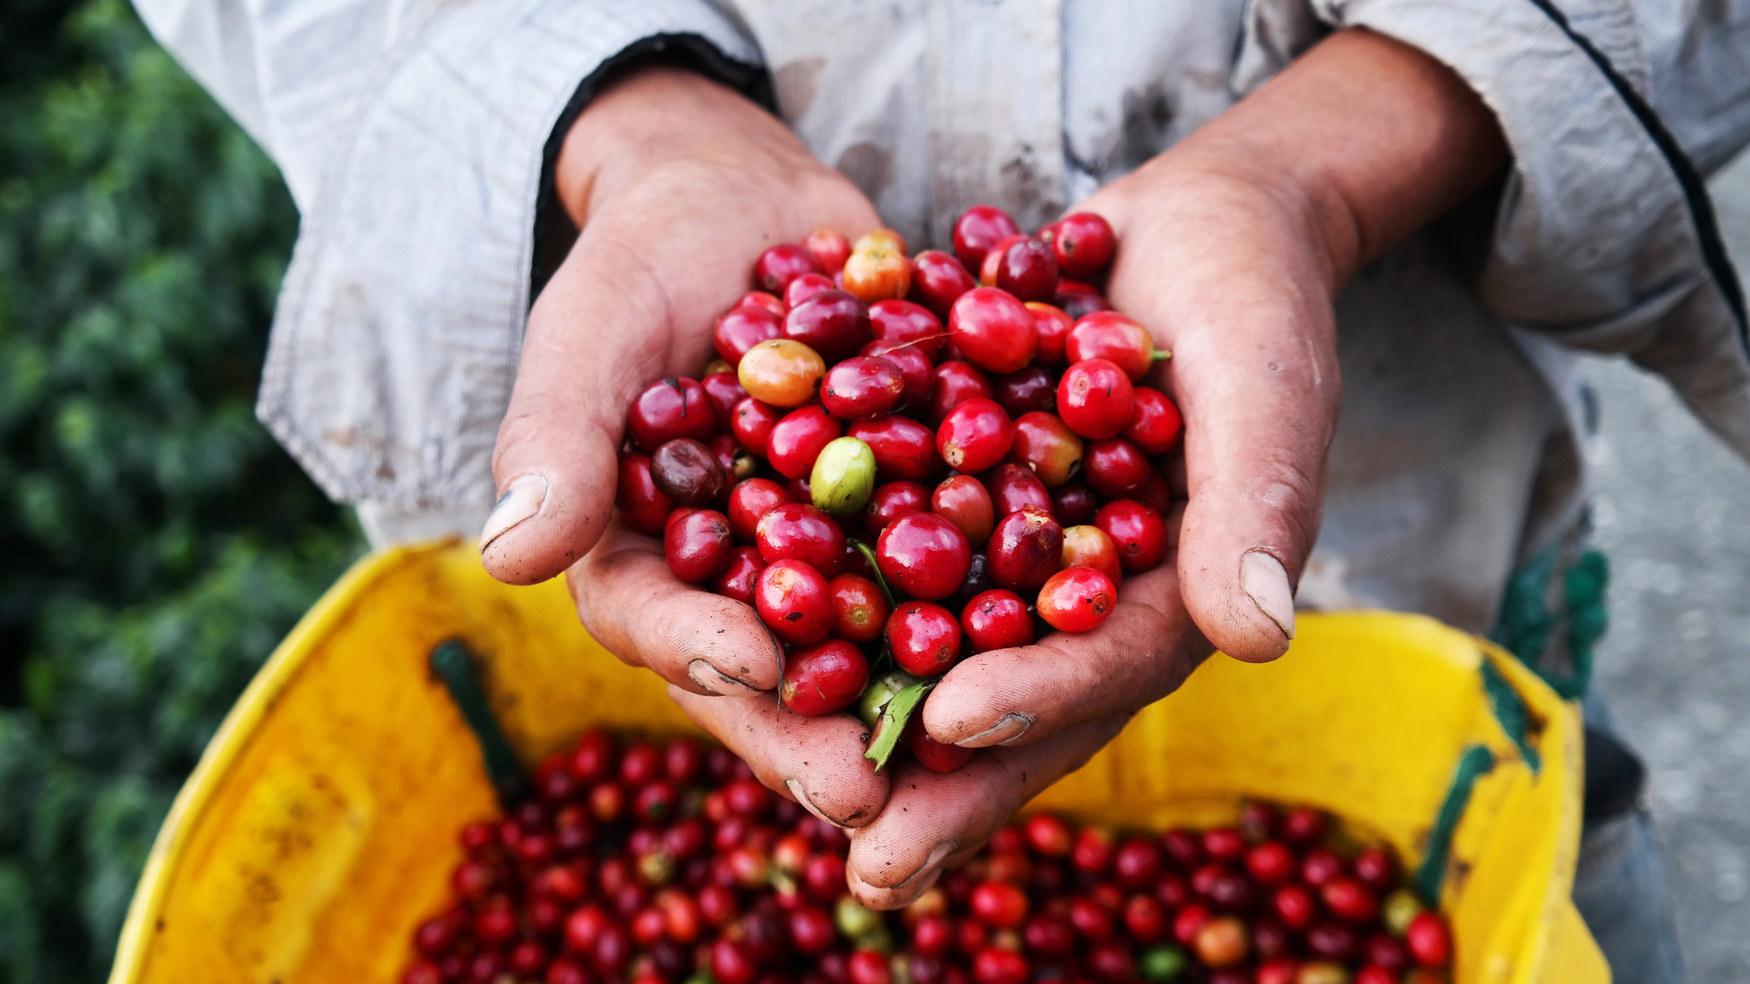 収穫されたコーヒー果実を示す農業の手